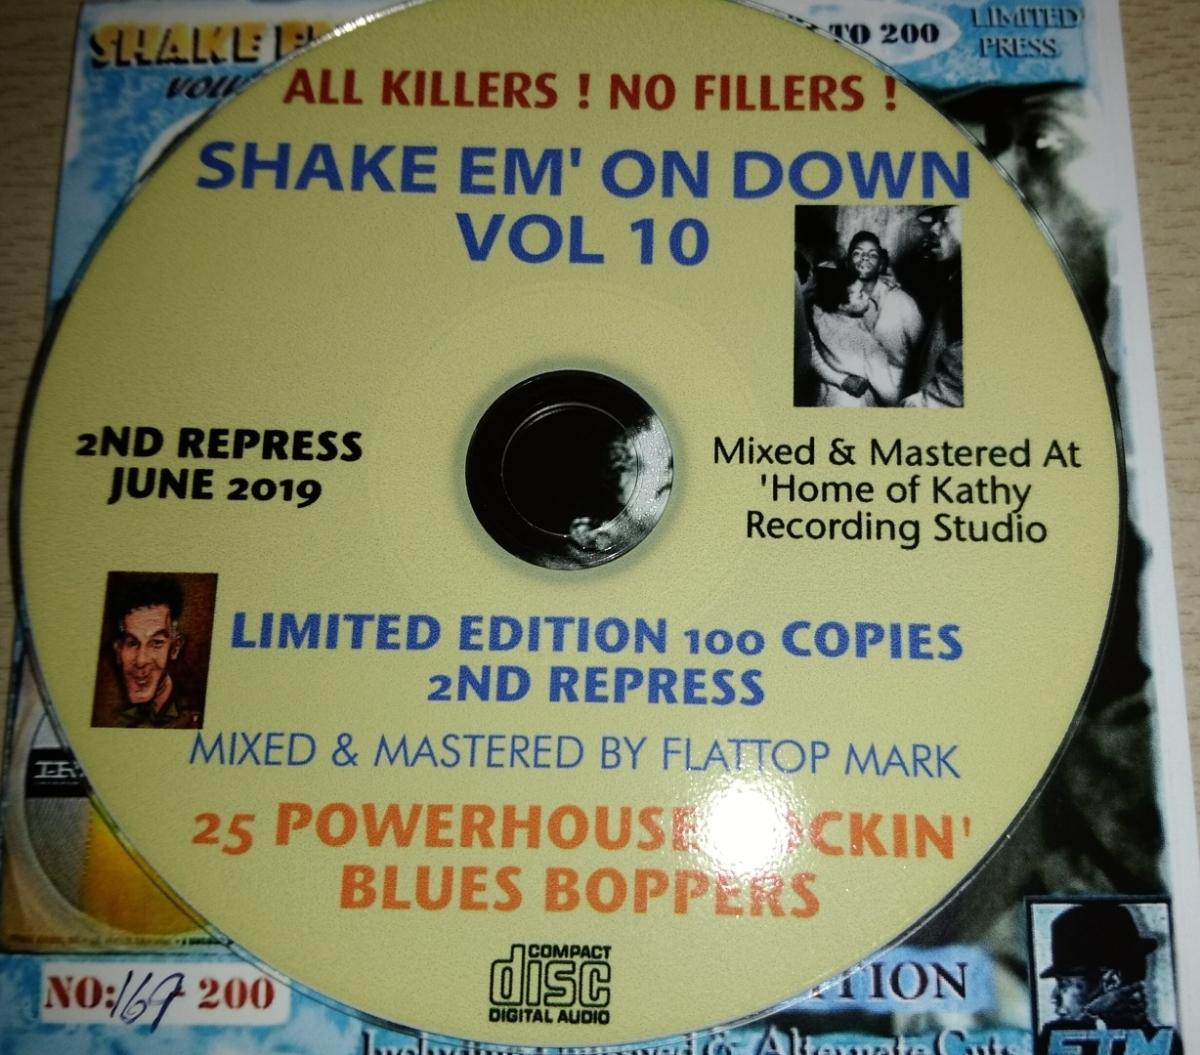 貴重・限定200枚 / SHAKE EM ON DOWN VOL 10 - ROCKIN' BLUES BOPPERS CDR / 25 x Dance Floor Killers / ロカビリー レコードホップ_画像3